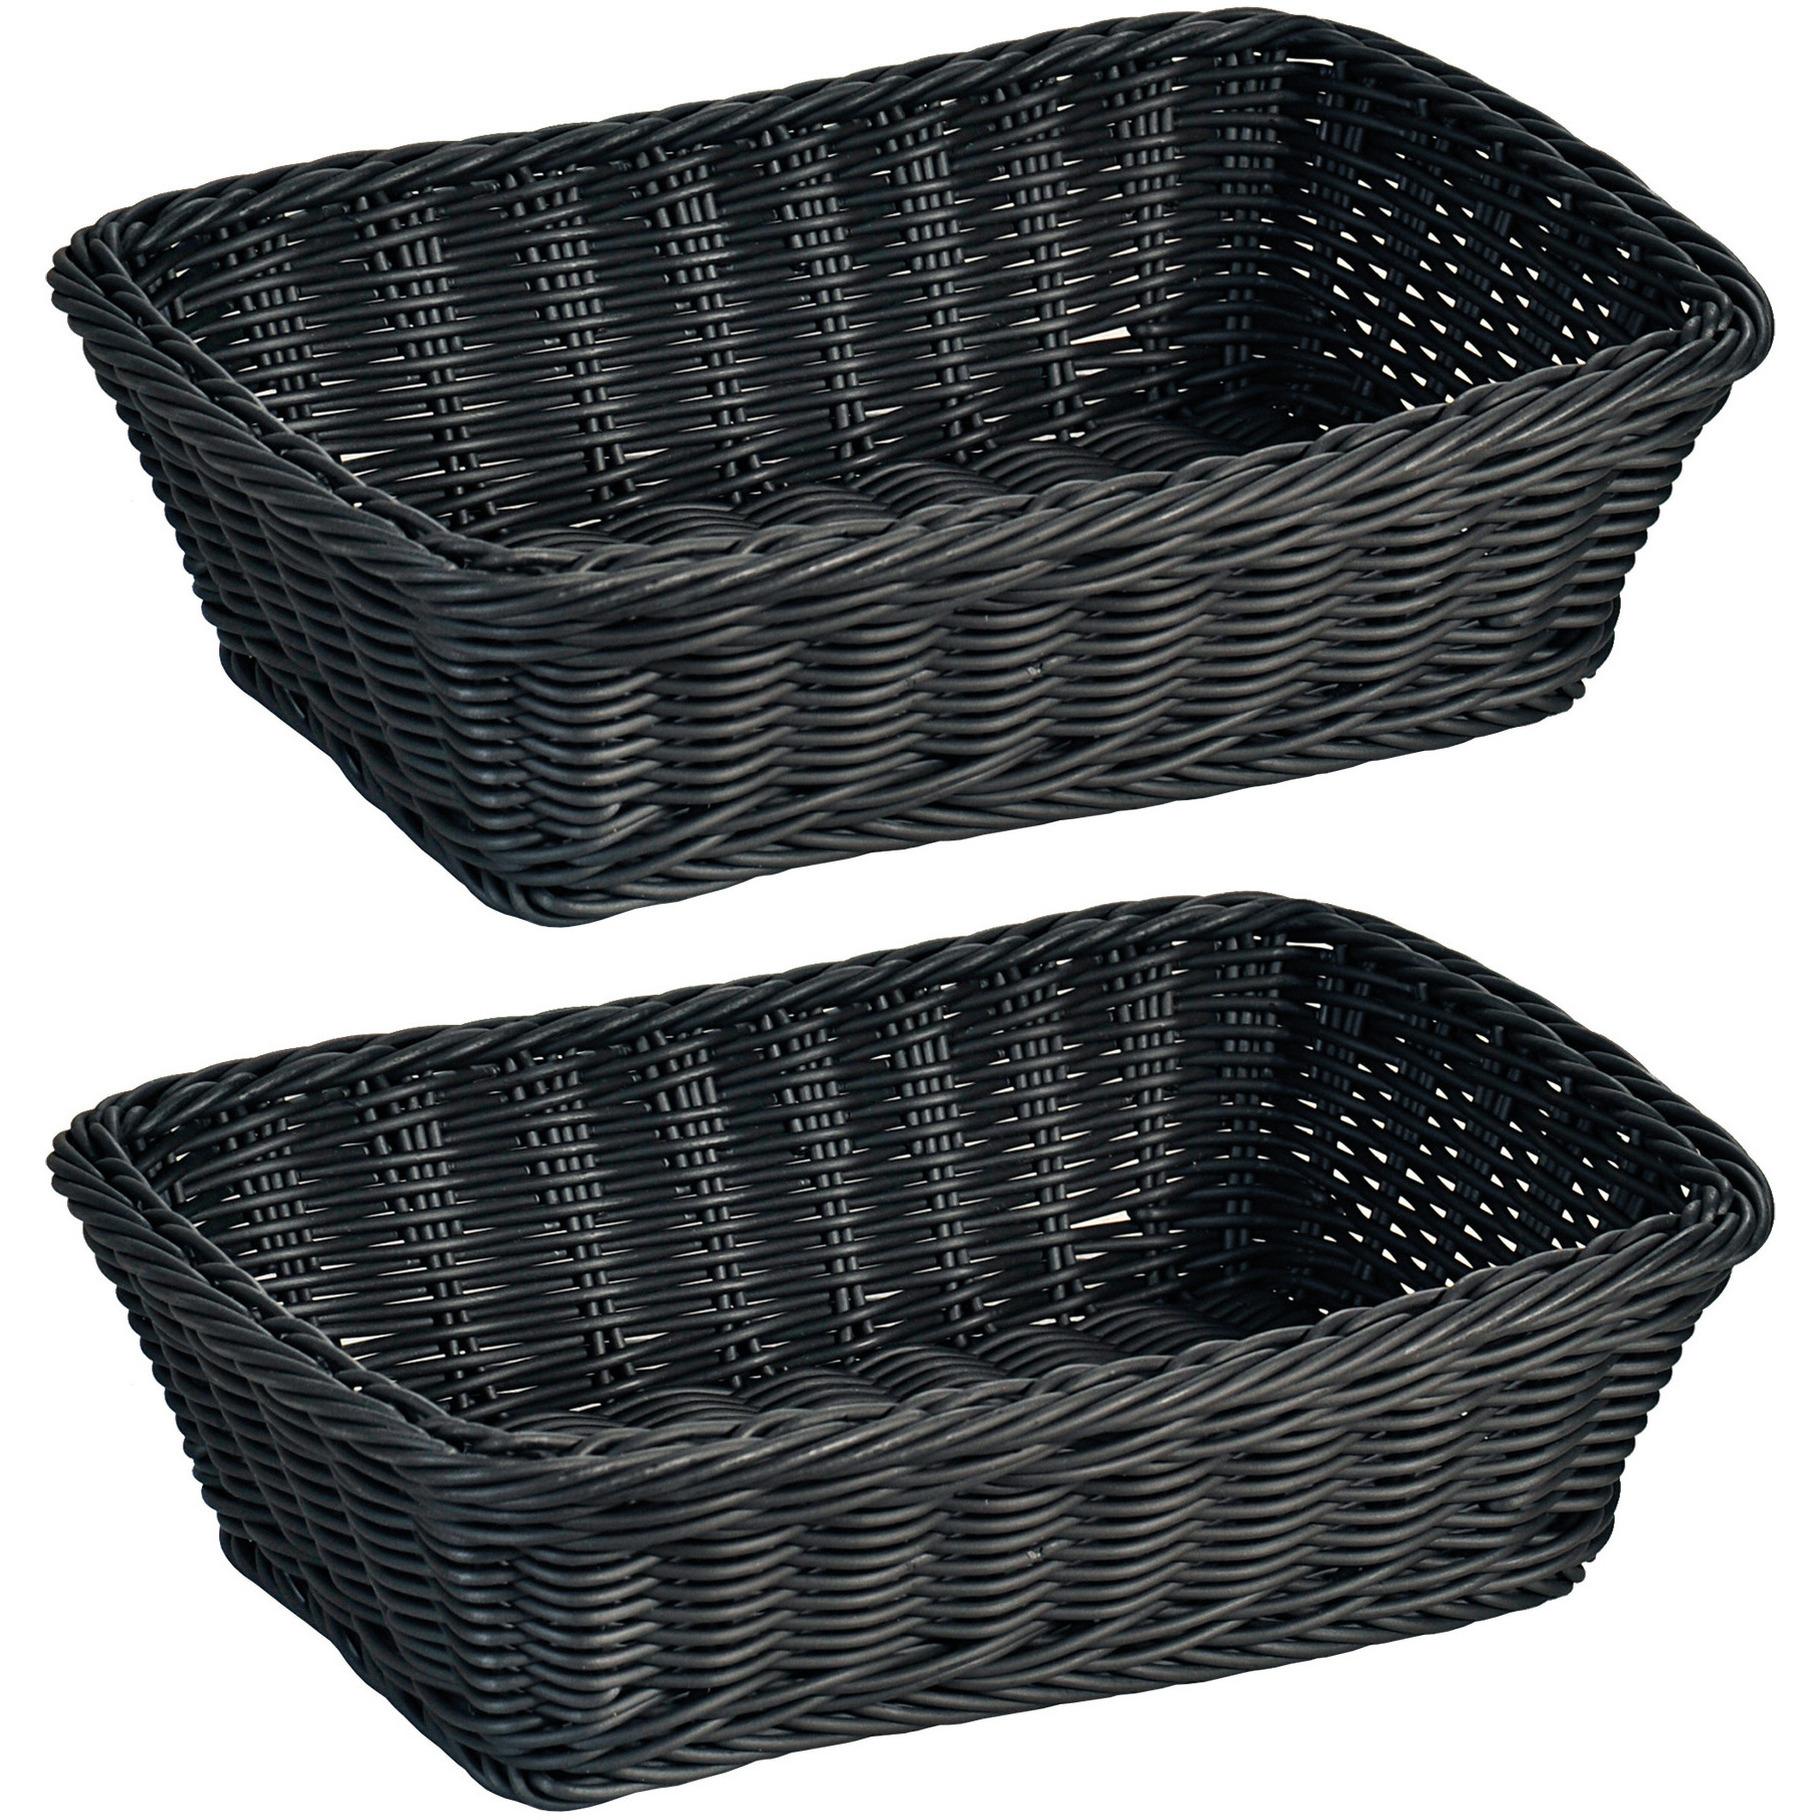 2x Rechthoekig fruitmandje-broodmandje 20 x 30 x 8,5 cm zwart gevlochten riet uiterlijk